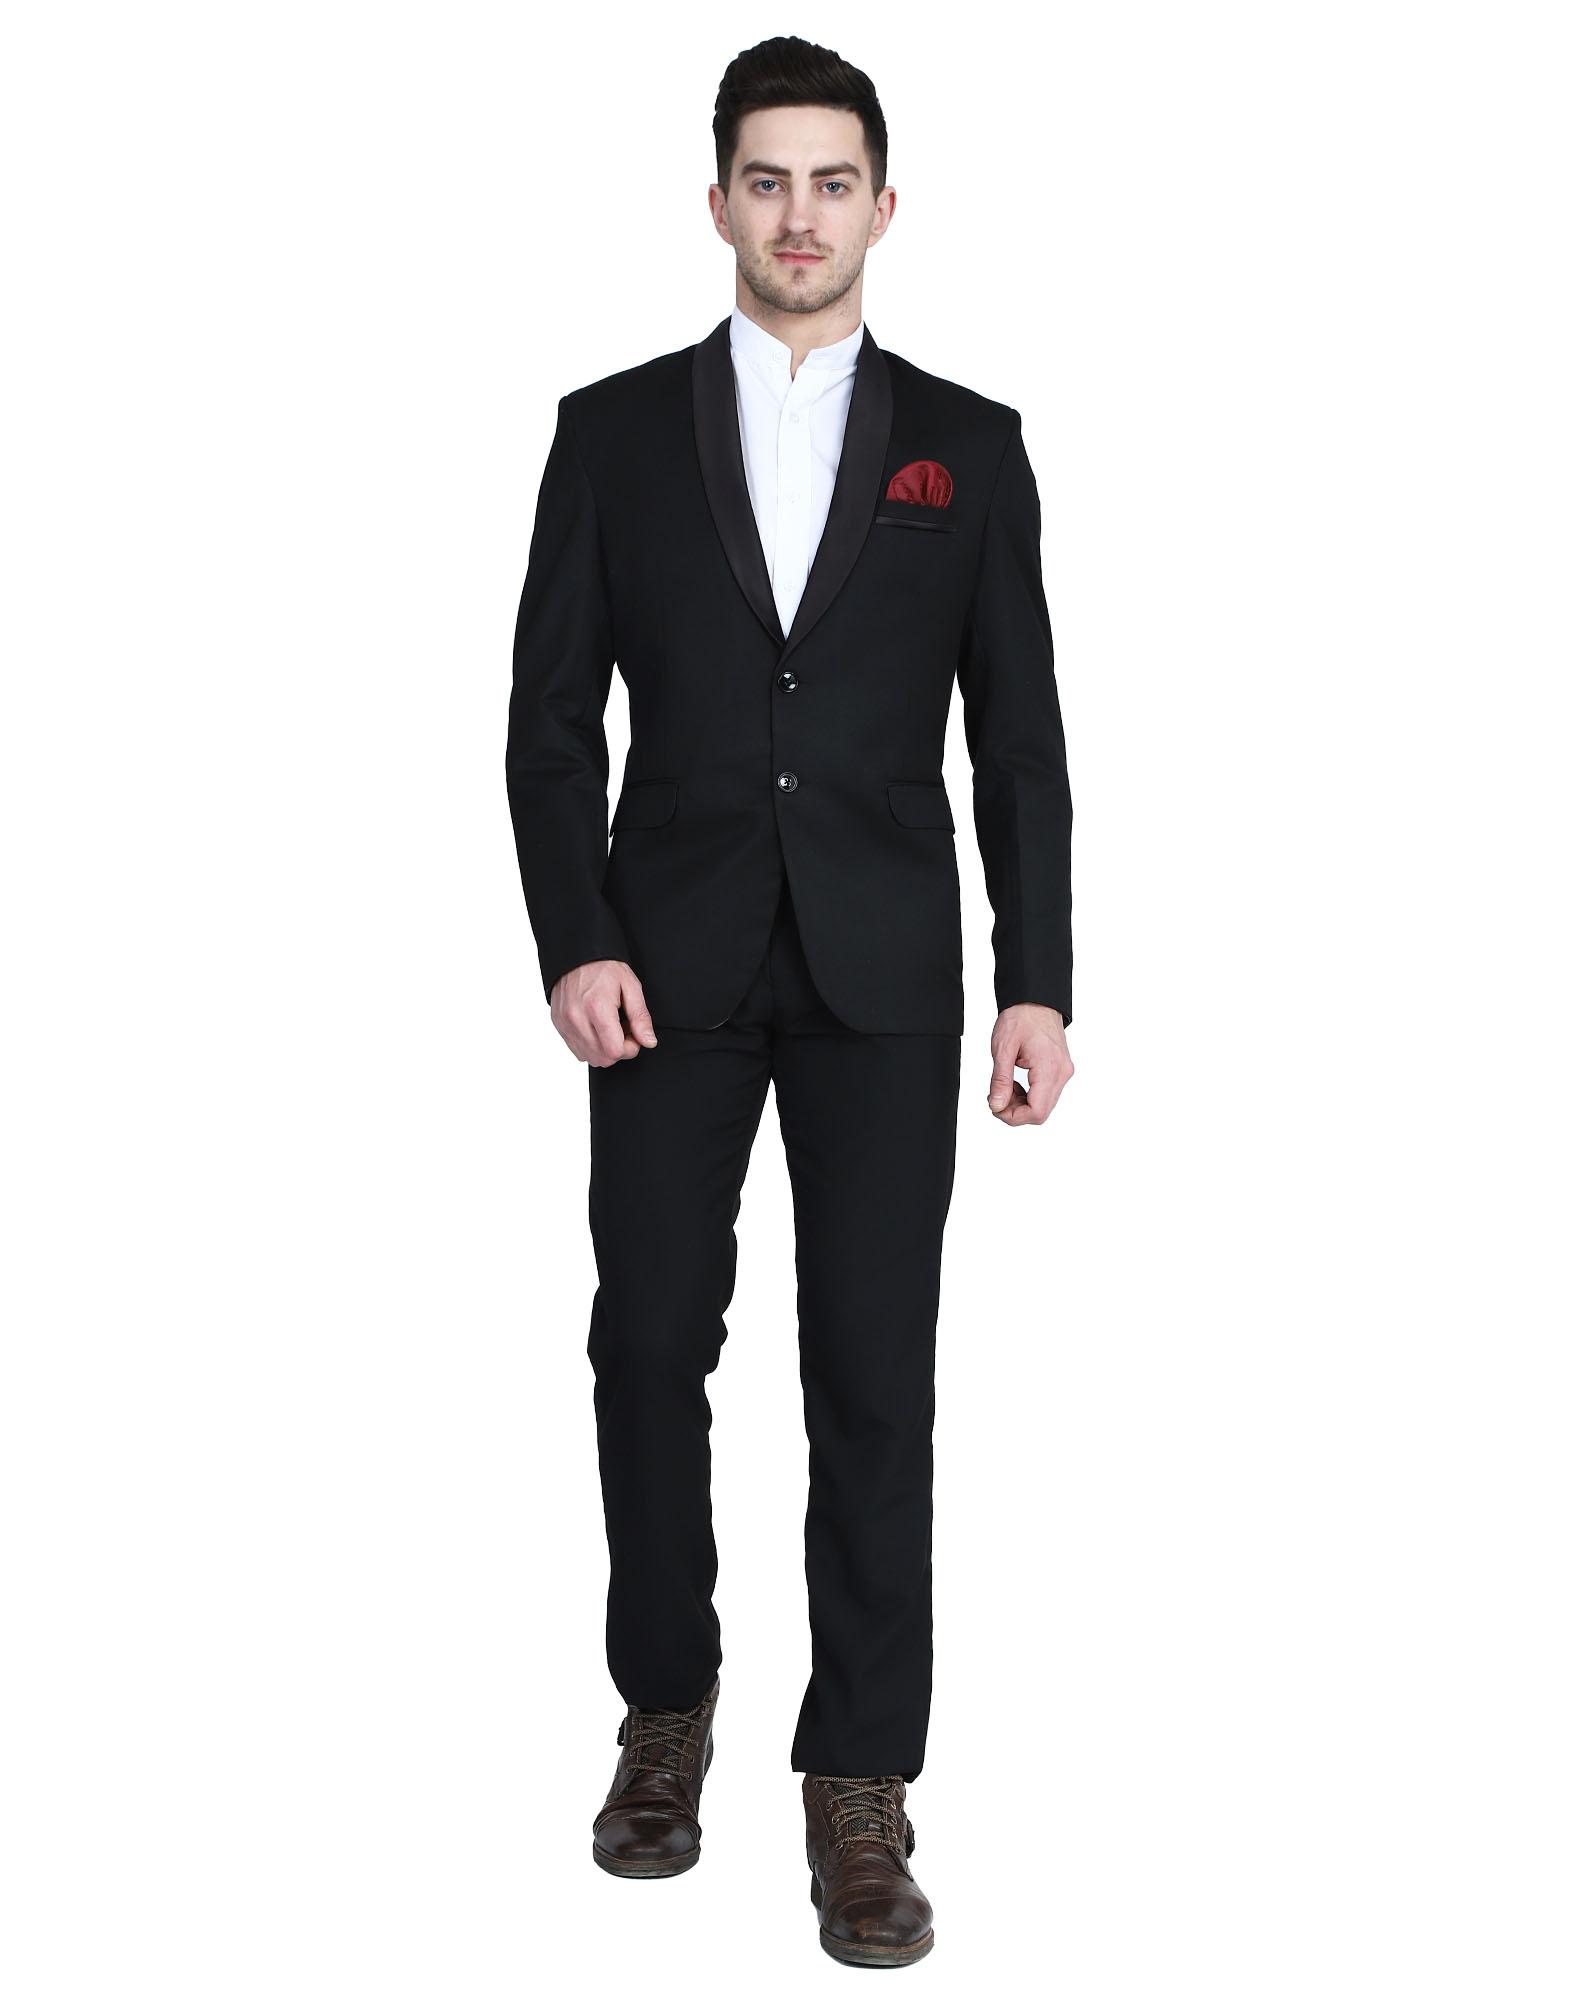 TAHVO | Black Tuxedo Men Suit With Hanky